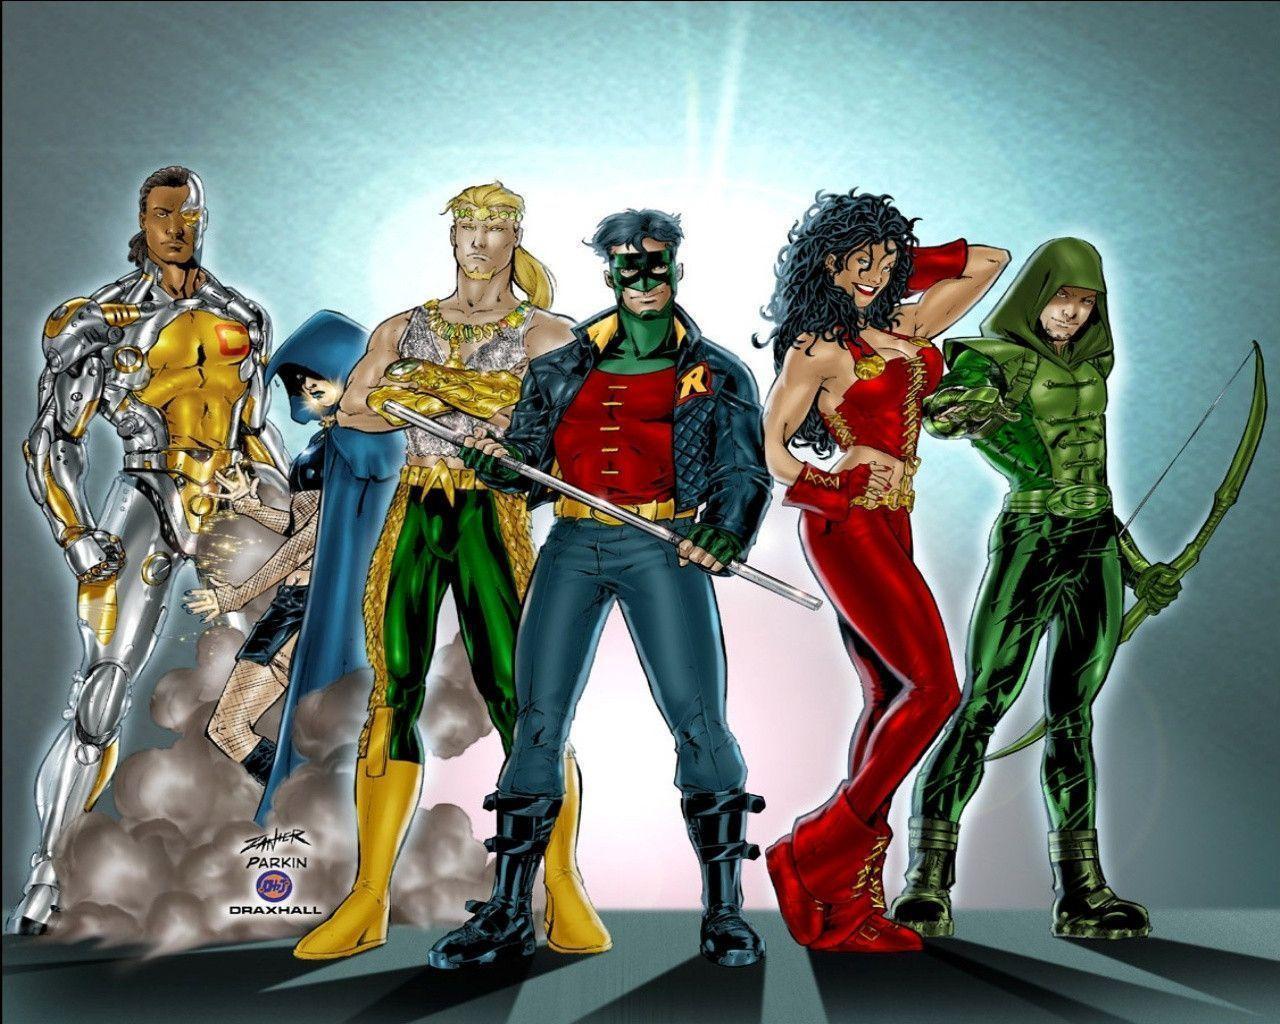 Teen Titans Wallpapers - Wallpaper Cave